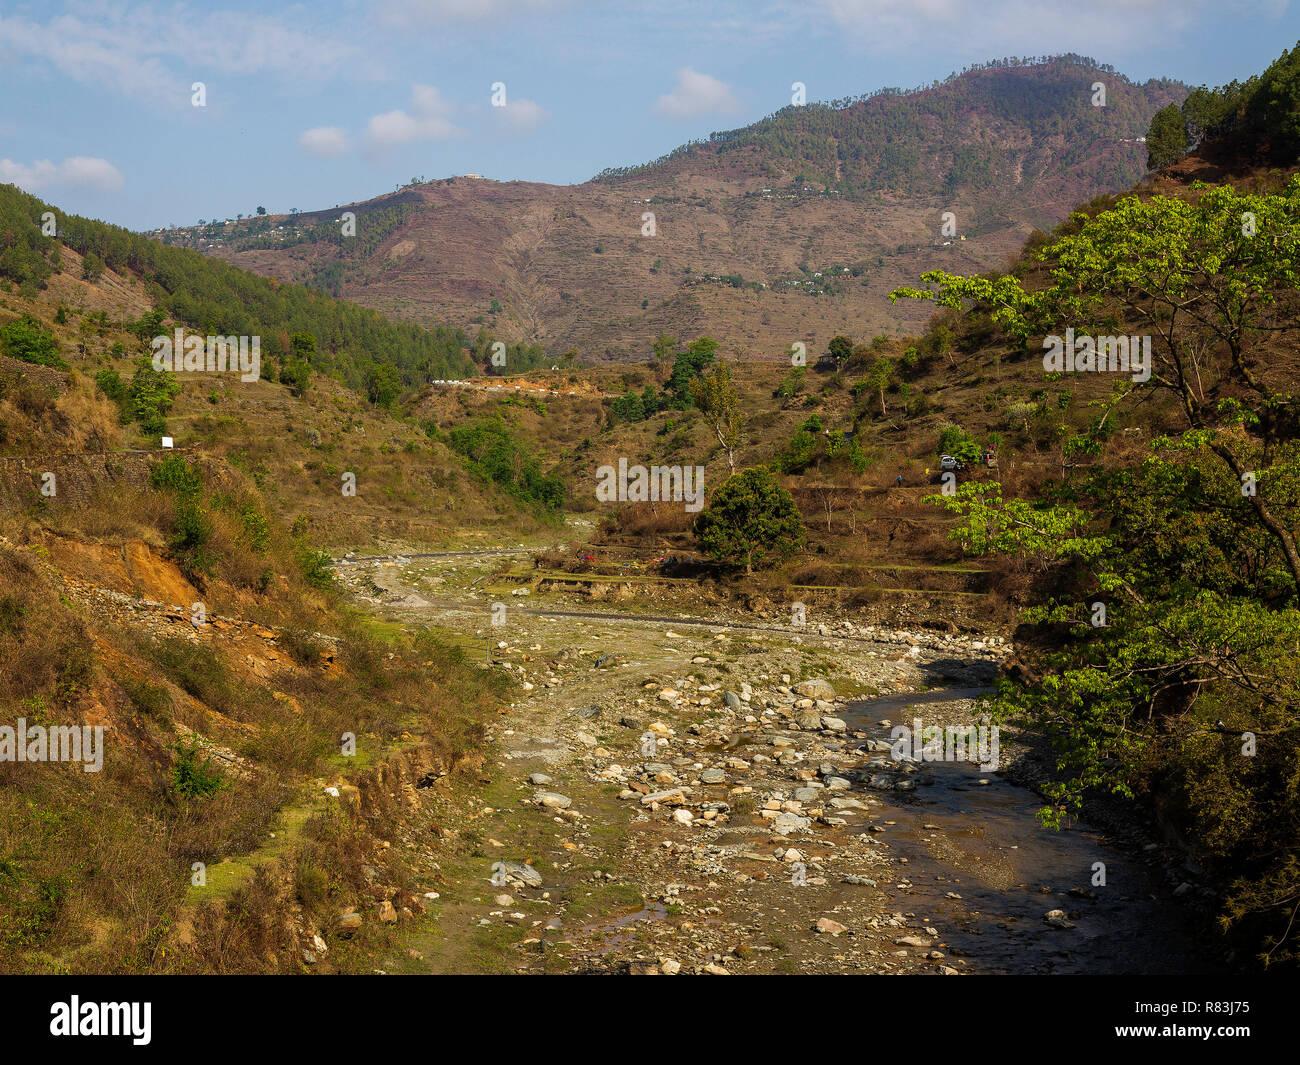 Panar River, el río Jim Corbett cruzó en 1910 con tanta dificultad porque estaba en inundaciones debido a las fuertes lluvias, las colinas de Kumaon, Uttarakhand, India Imagen De Stock